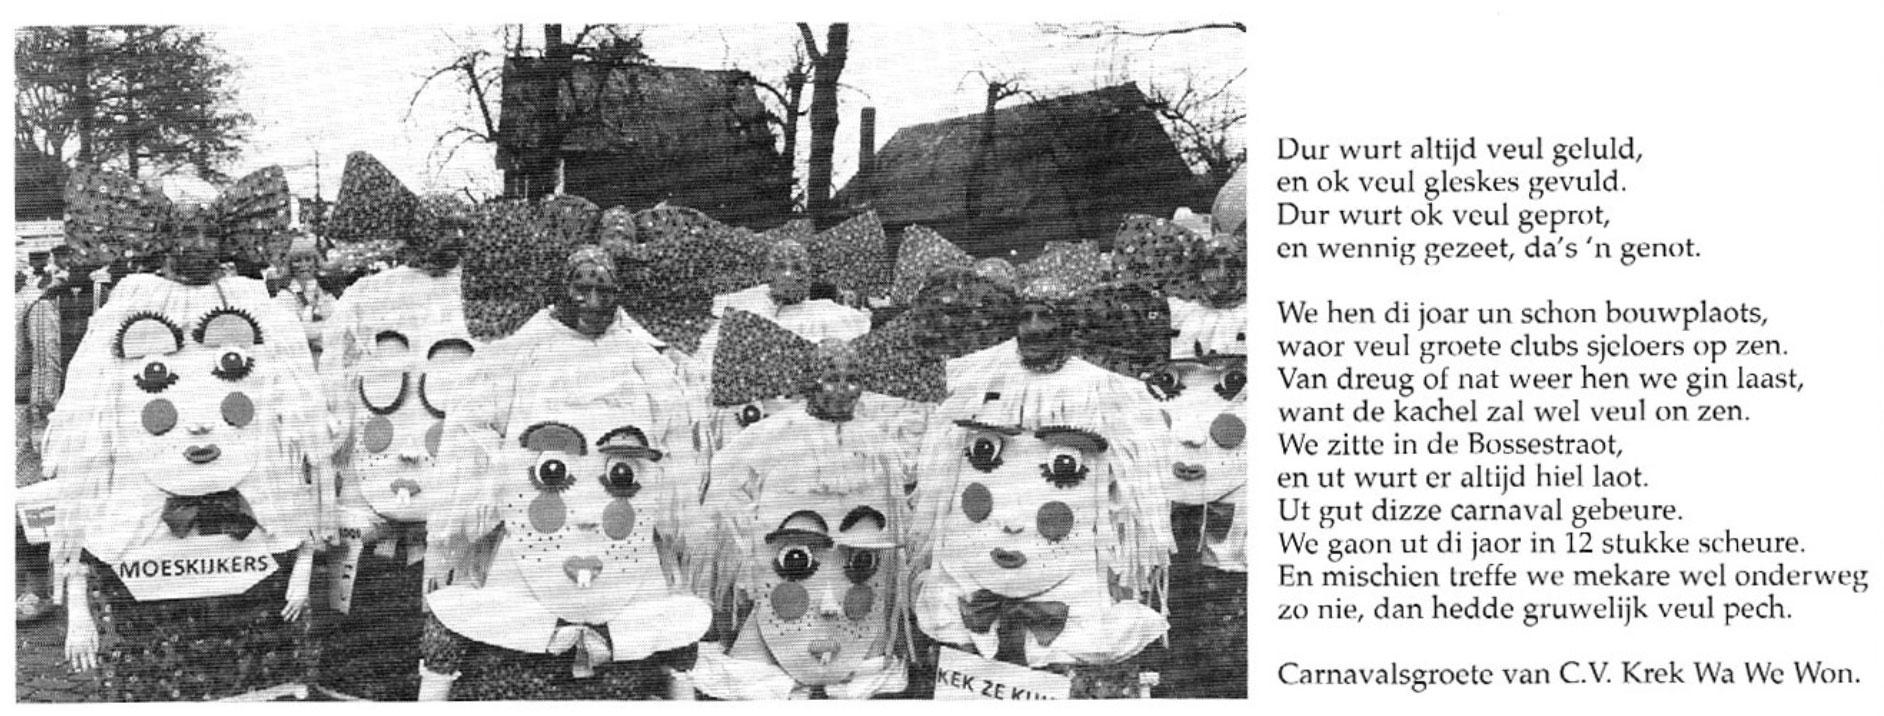 Stukje uit de carnavalskrant van Krek Wa We Won - 1998